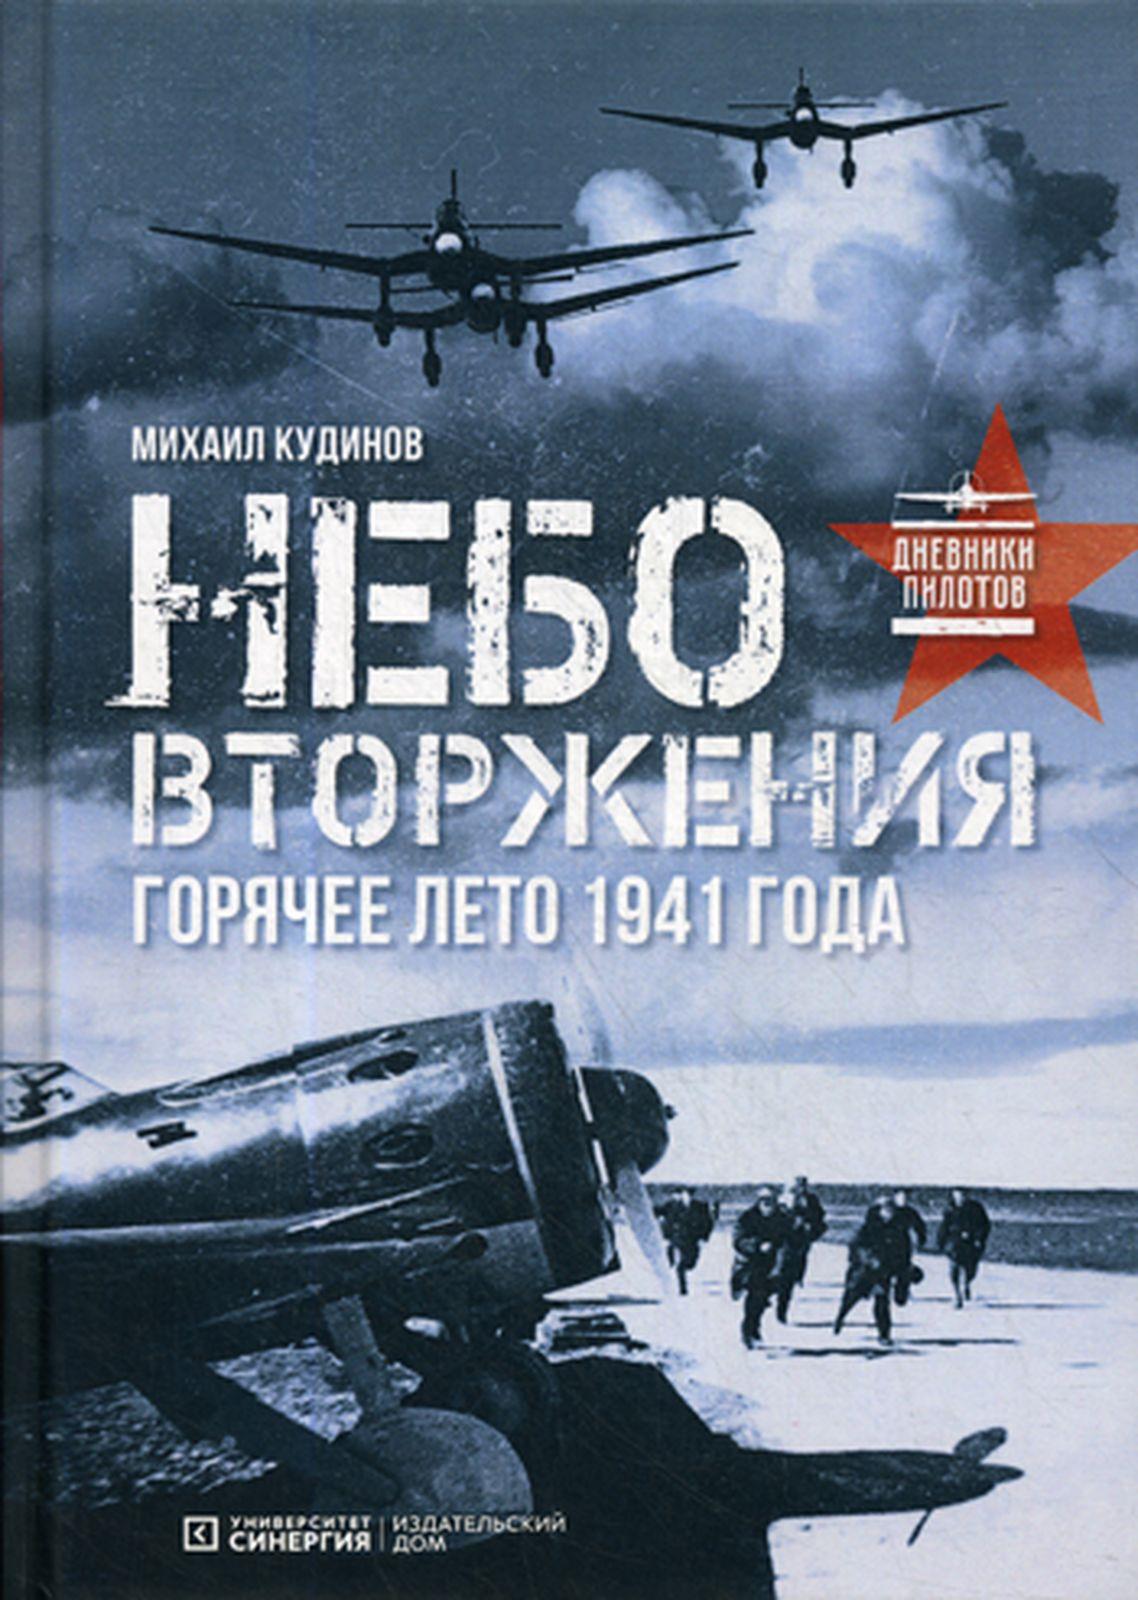 Михаил Кудинов Небо вторжения. Горячее лето 1941 года